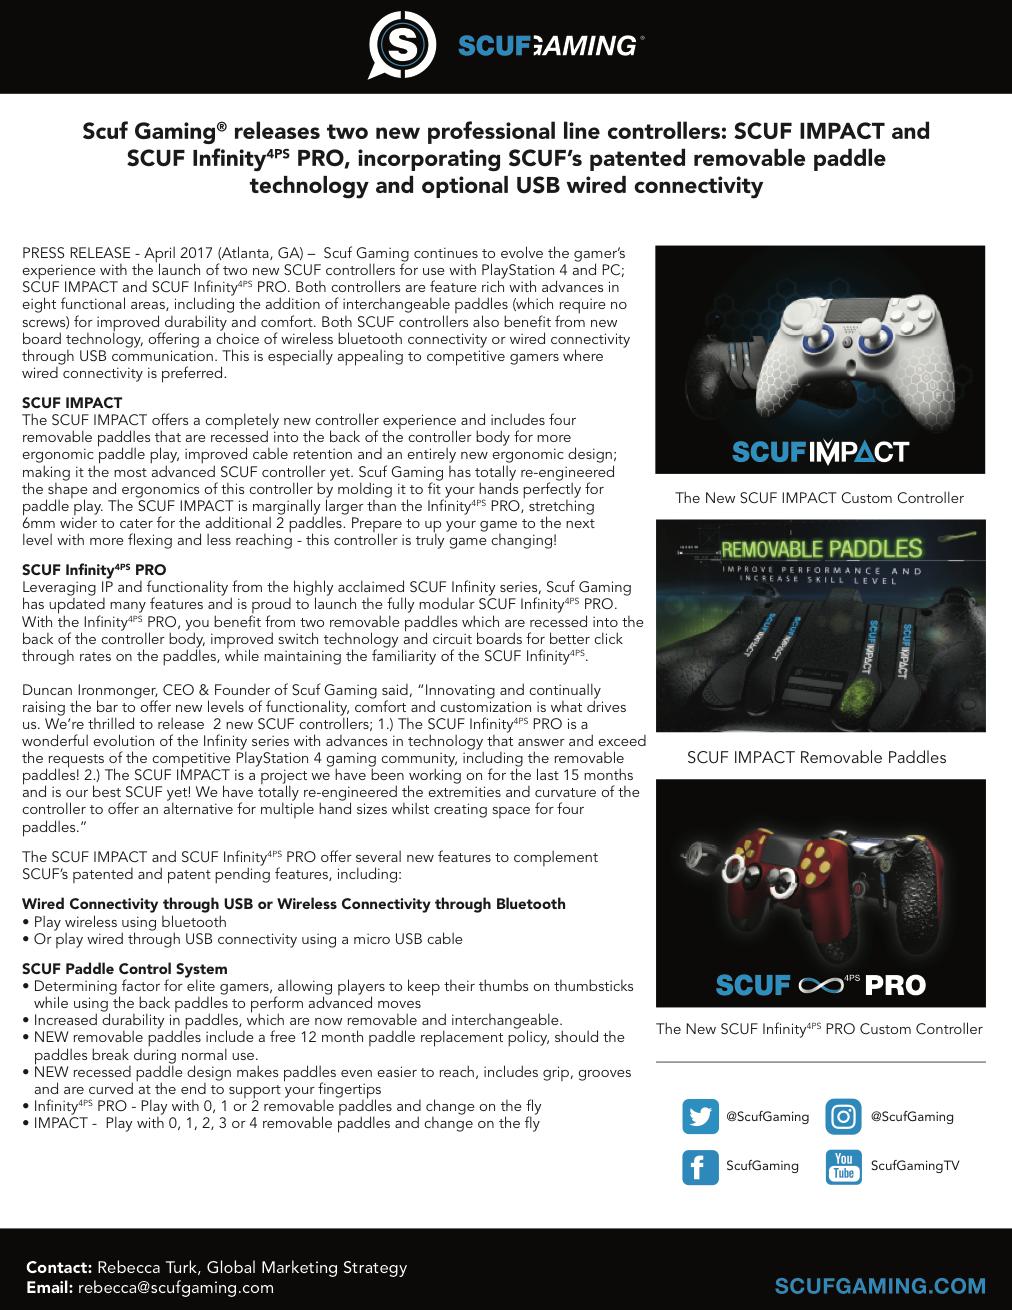 SCUF Impact Press Release